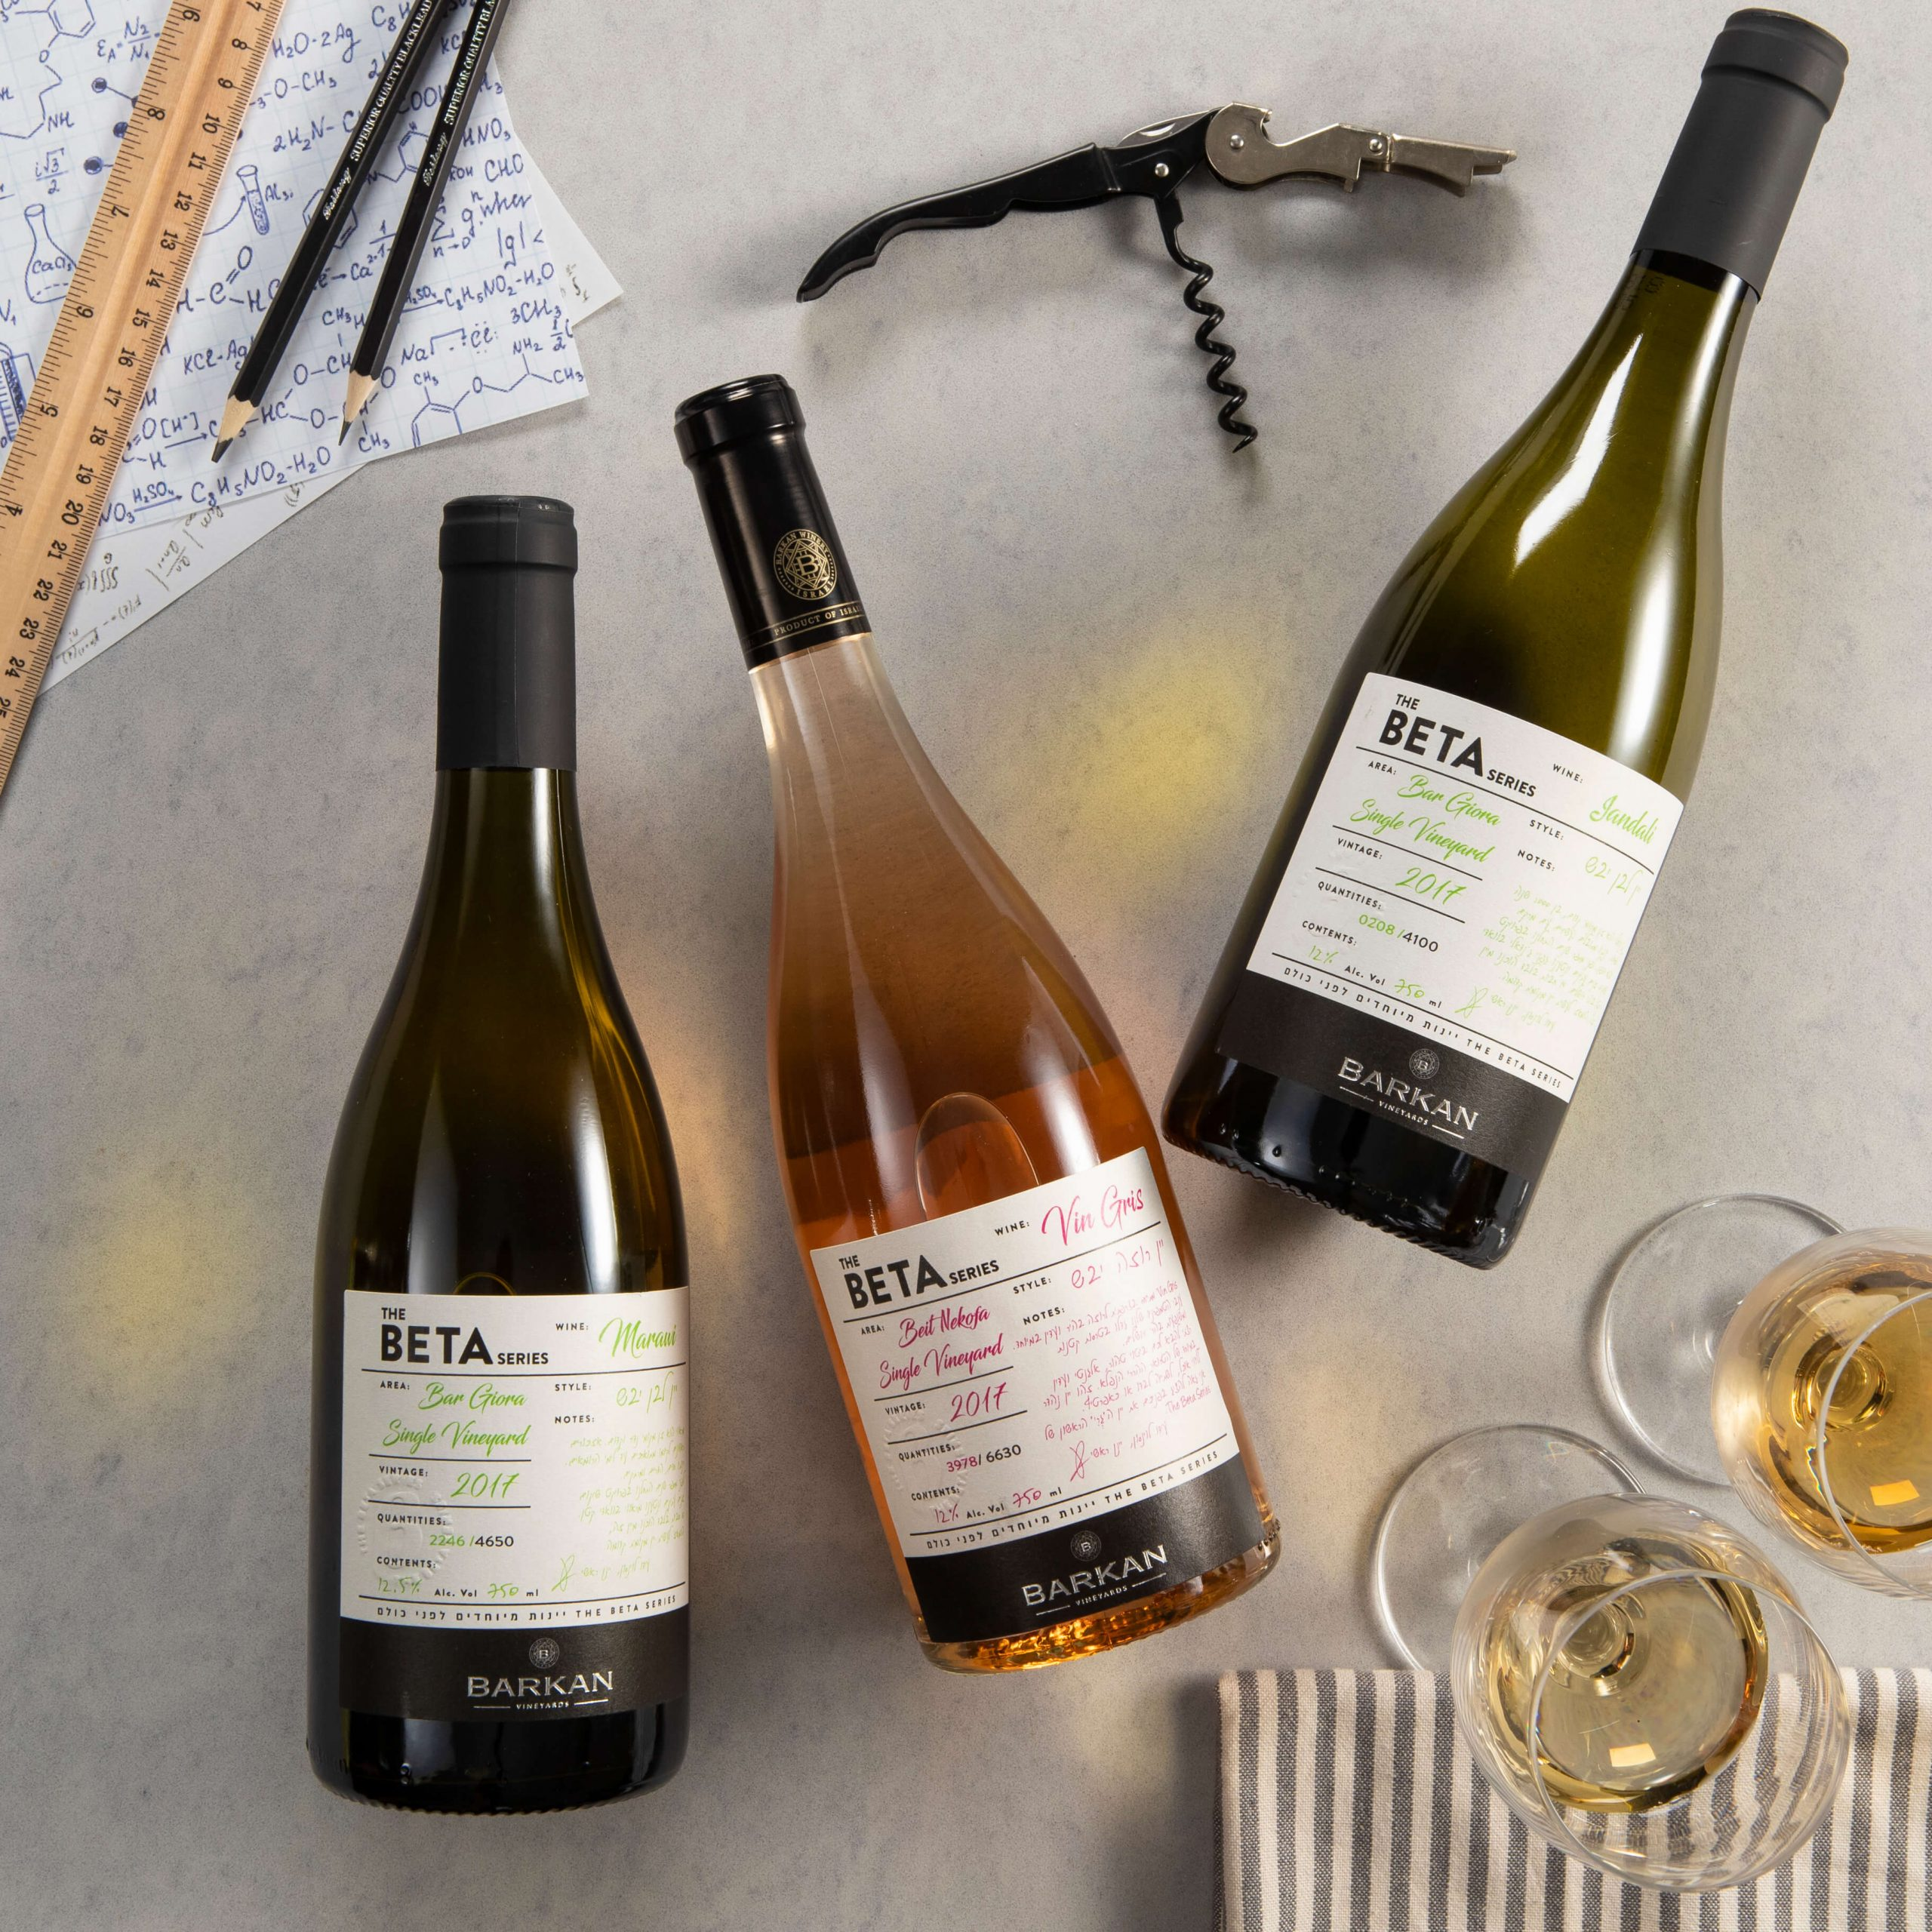 Любимые вина: заказ онлайн и доставка прямо к порогу – с особыми скидками